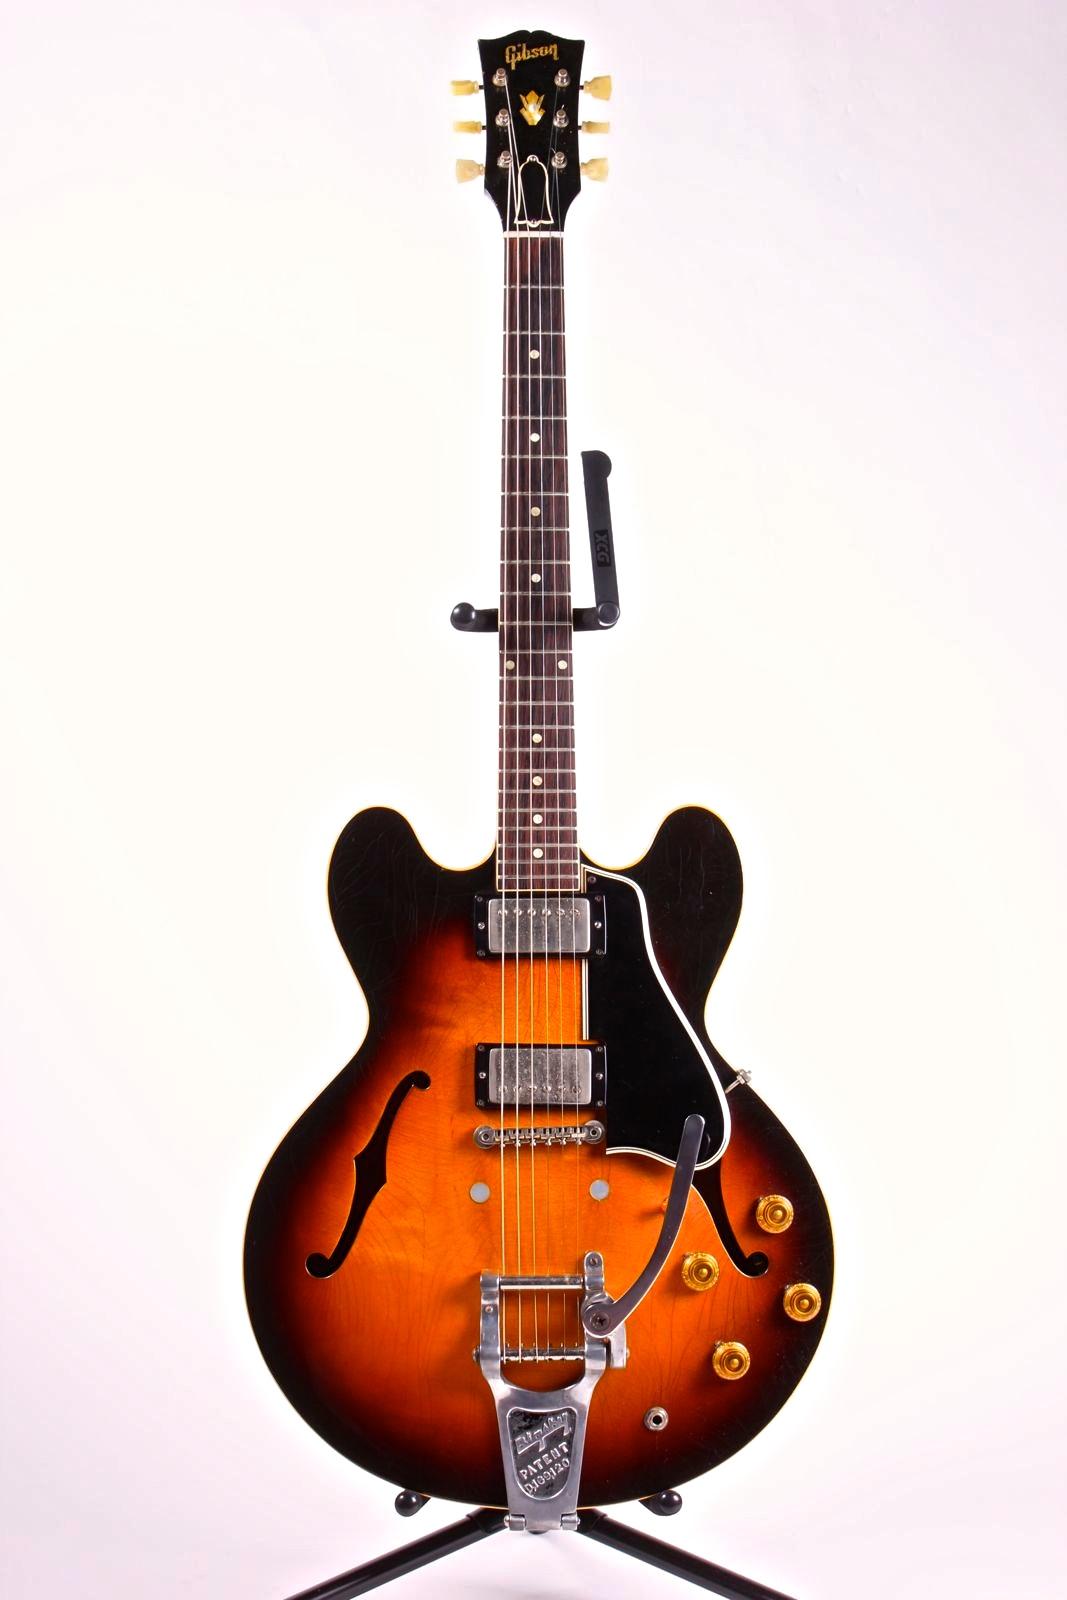 gibson es 335 1959 sunburst guitar for sale vintage guitar boutique. Black Bedroom Furniture Sets. Home Design Ideas